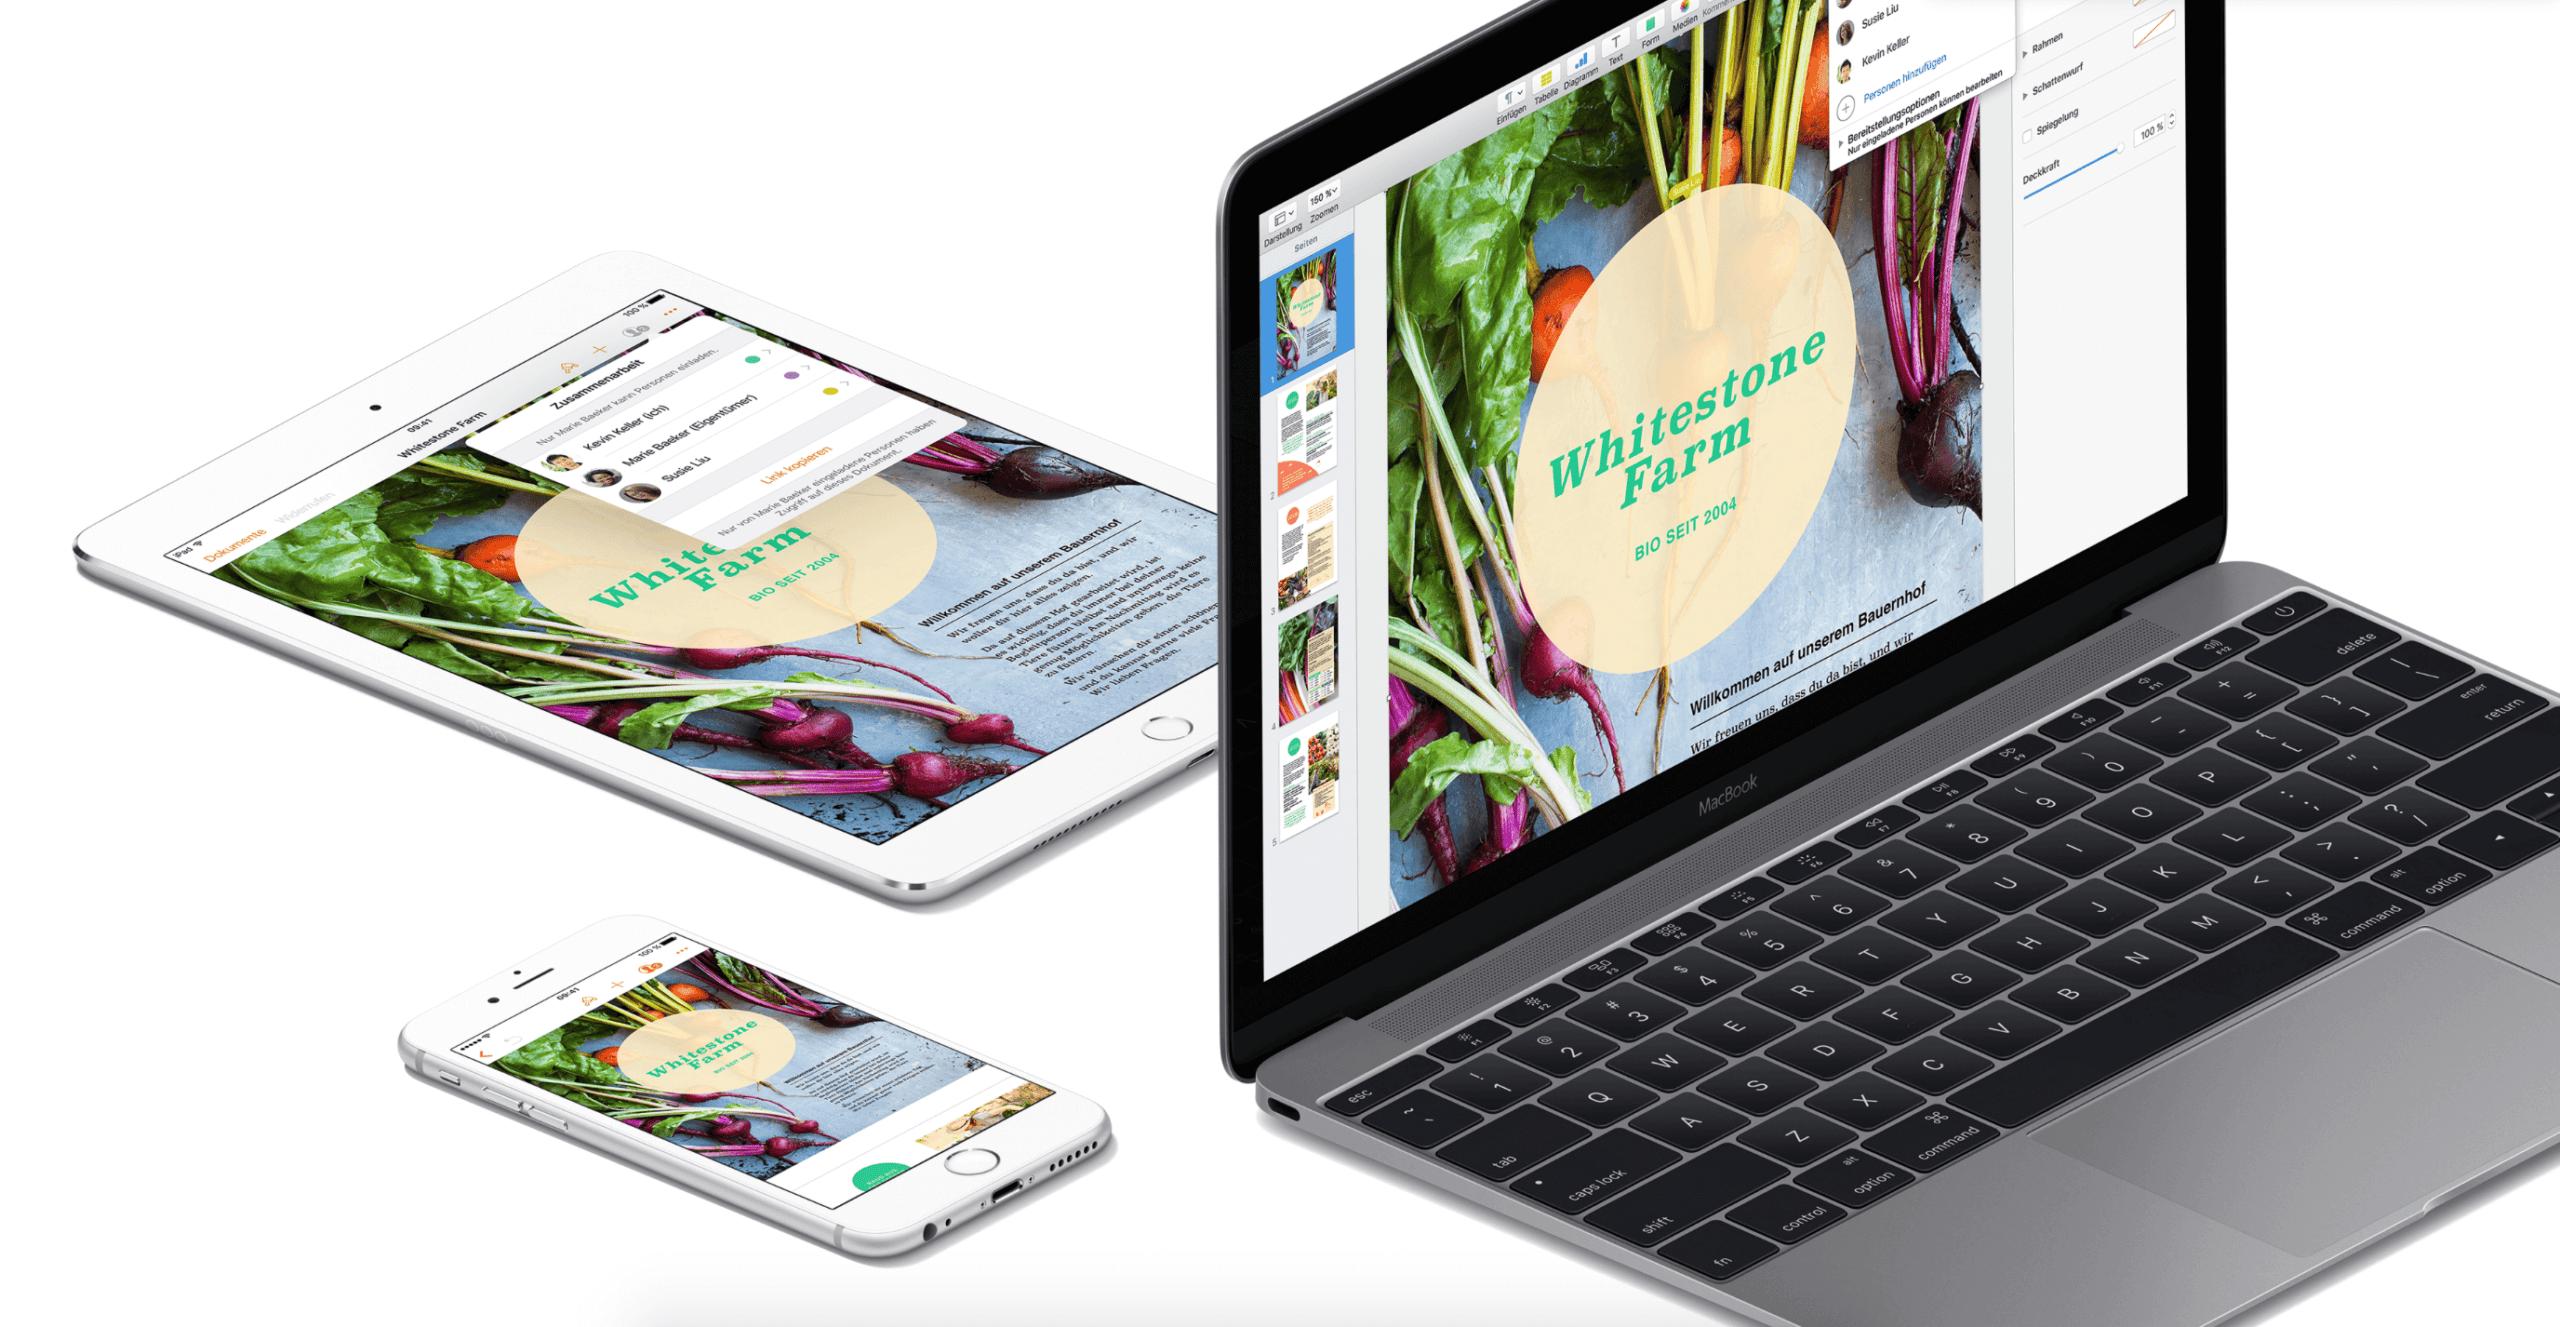 iWork mit Update: Pages, Numbers und Keynote bekommen neue Funktionen unter macOS und iOS